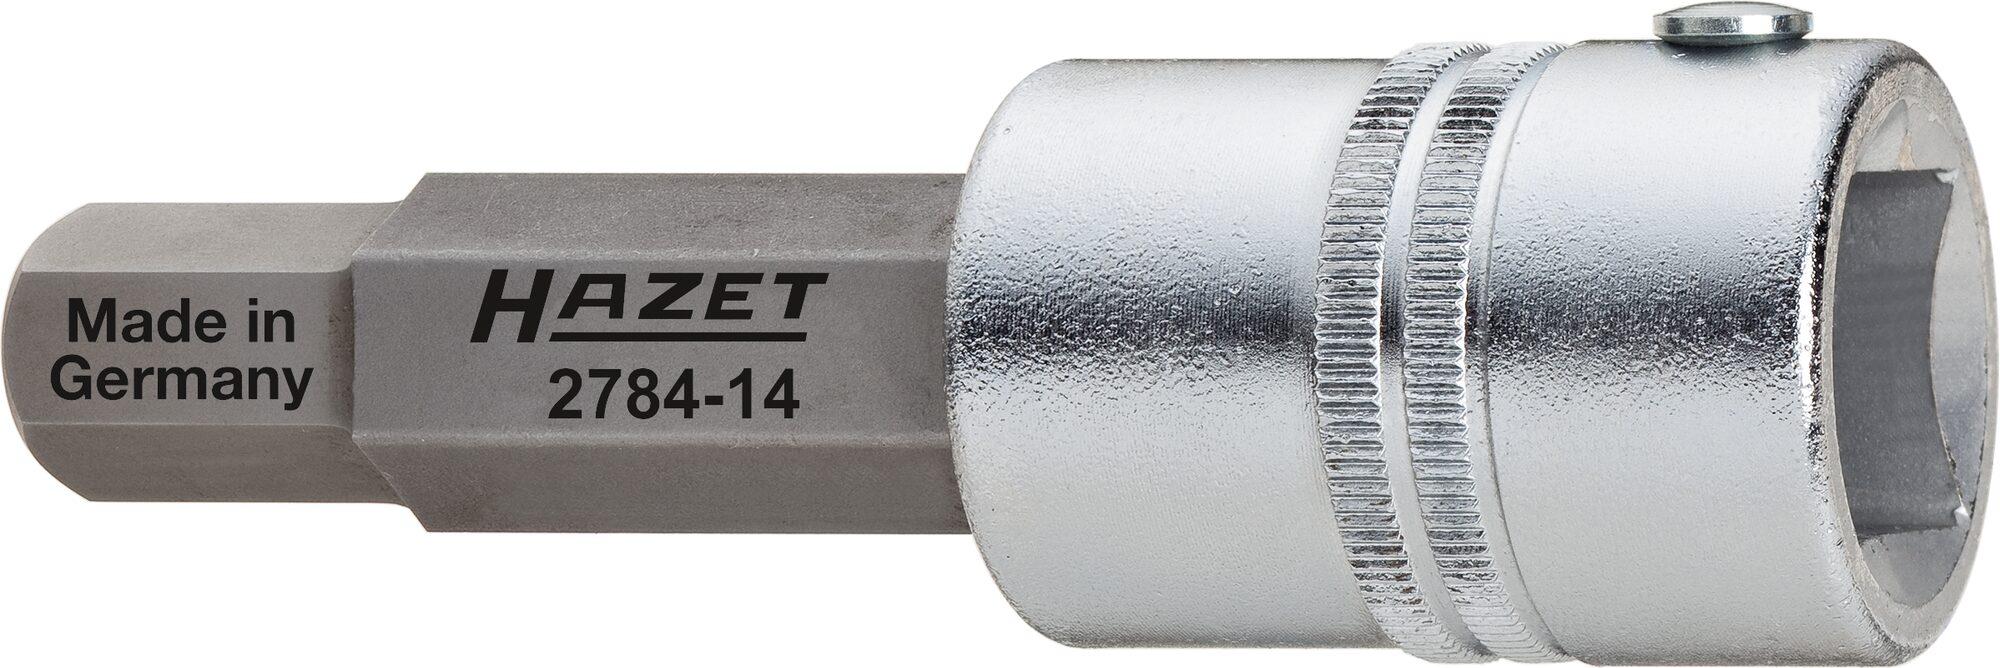 HAZET Bremssattel Schraubendreher-Steckschlüsseleinsatz 2784-14 ∙ Vierkant hohl 20 mm (3/4 Zoll) ∙ Innen-Sechskant Profil